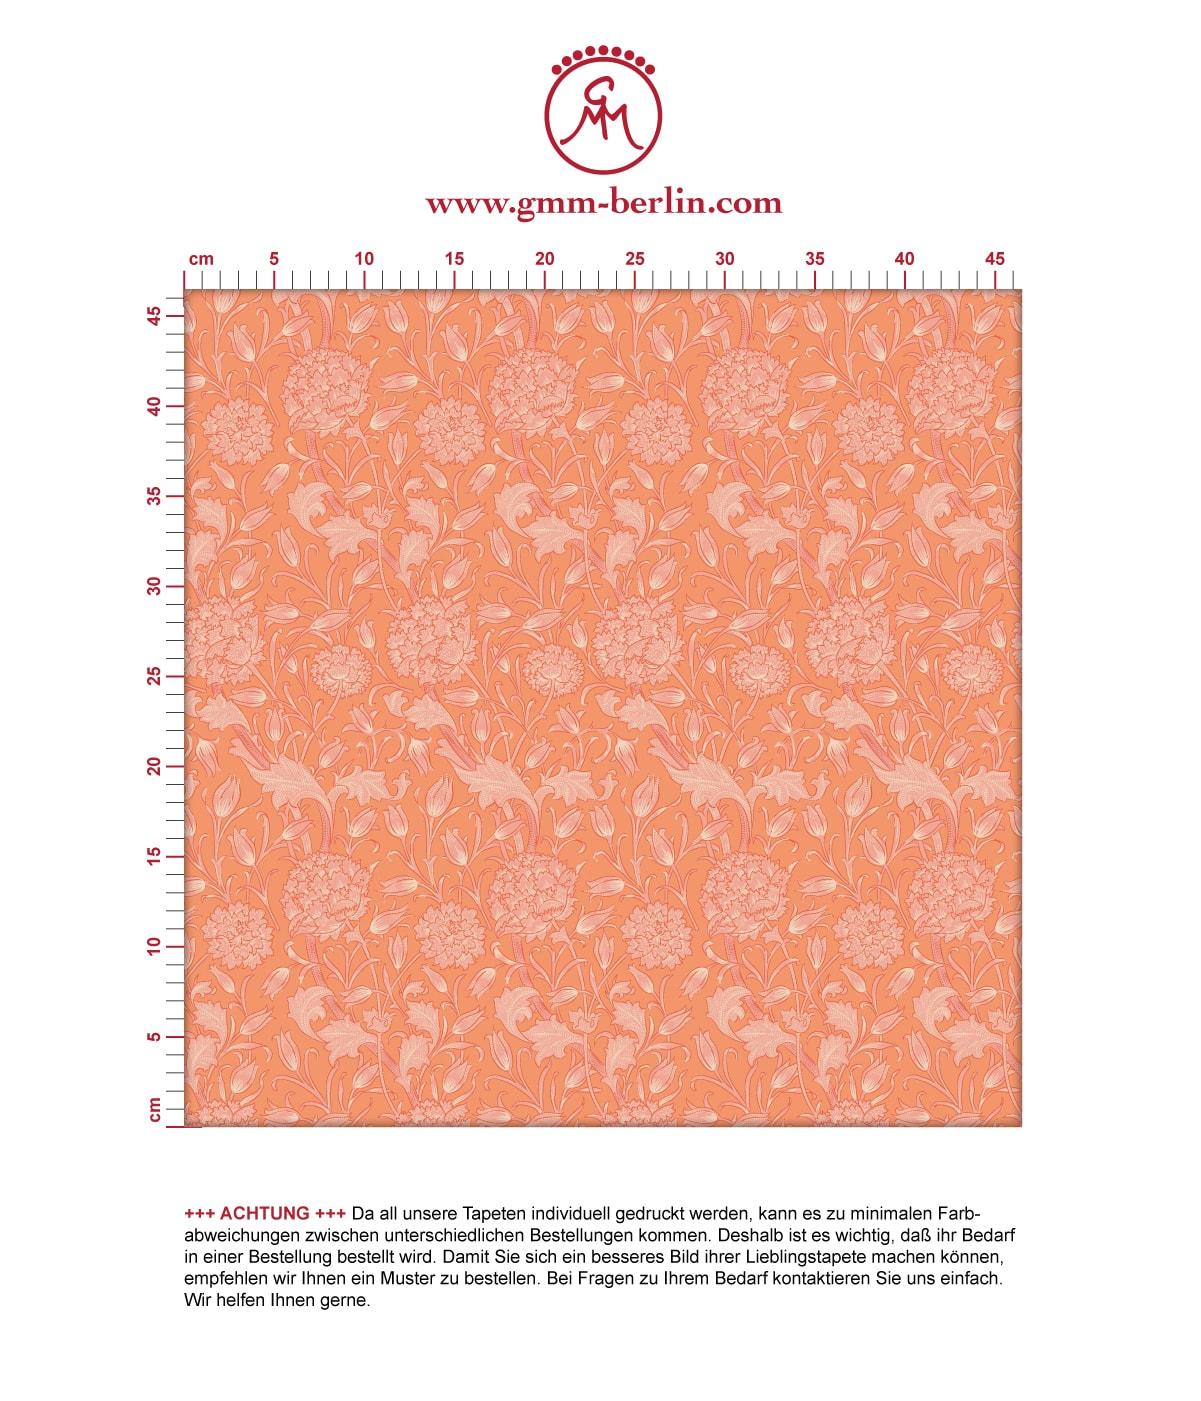 """Retro Jugendstil Tapete """"Tulpen und Narzissen"""" nach William Morris, orange Vlies Tapete Blumen, schöne Blumentapete für Flur, Büro. Aus dem GMM-BERLIN.com Sortiment: Schöne Tapeten in der Farbe: Orange"""